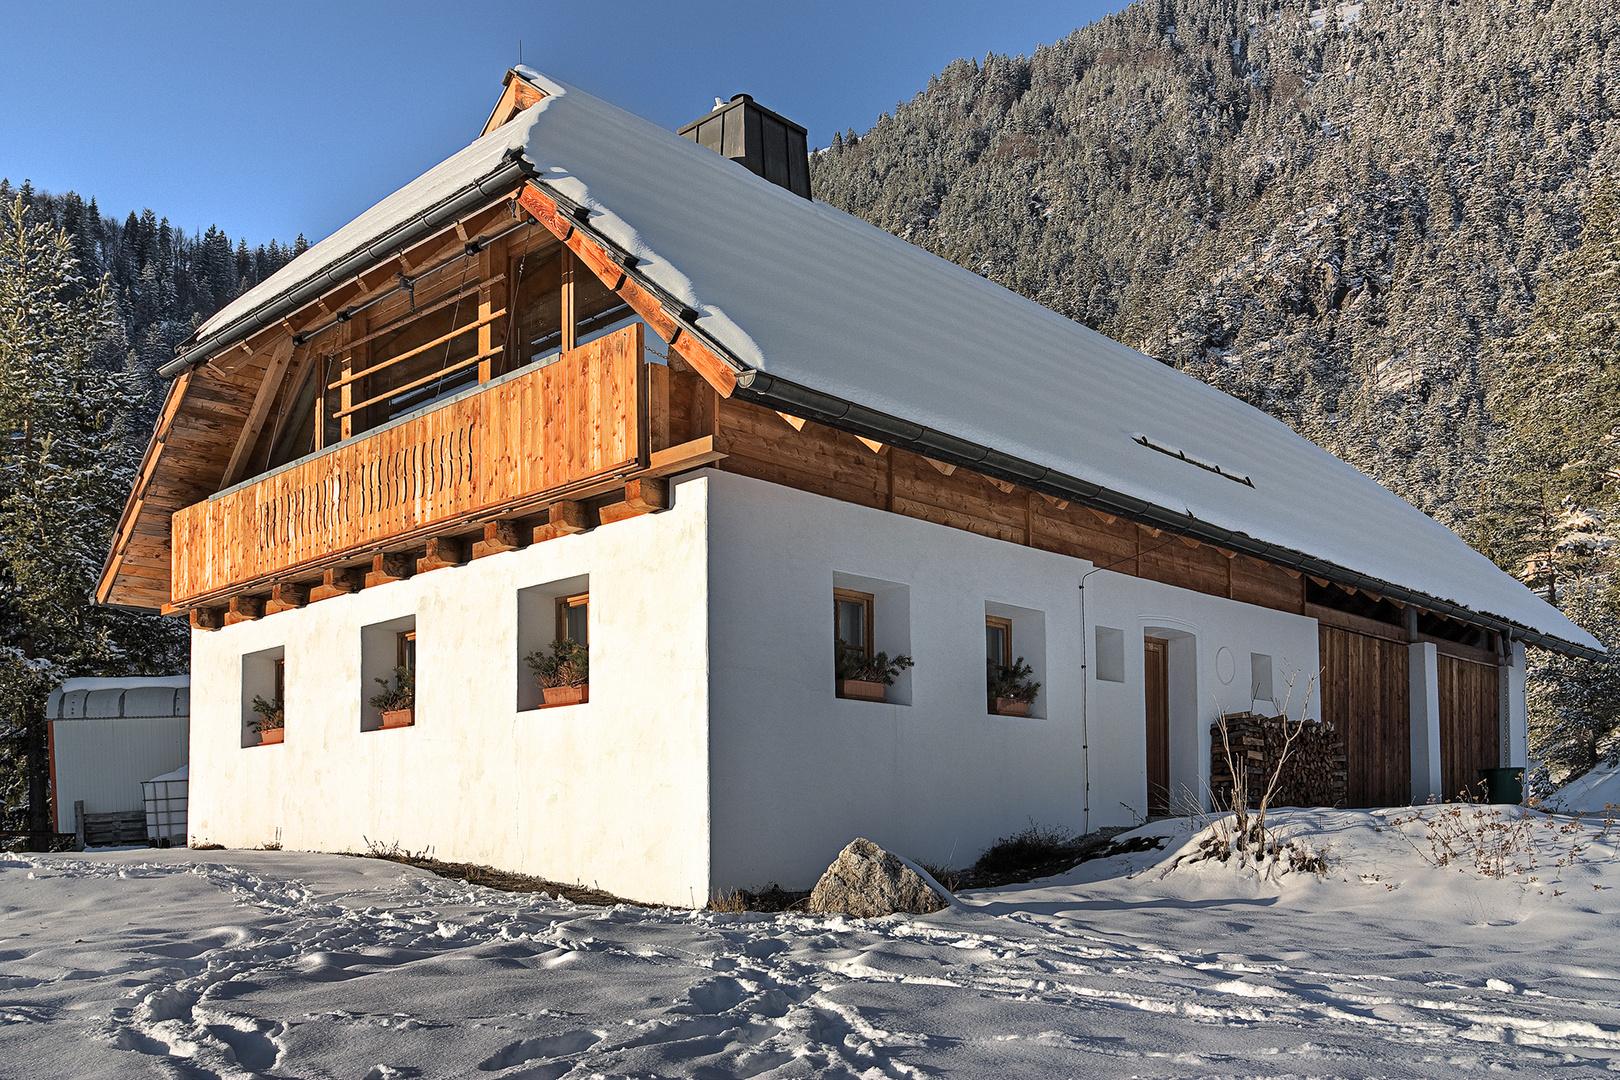 Neues altes Bauernhaus im Winterschlaf